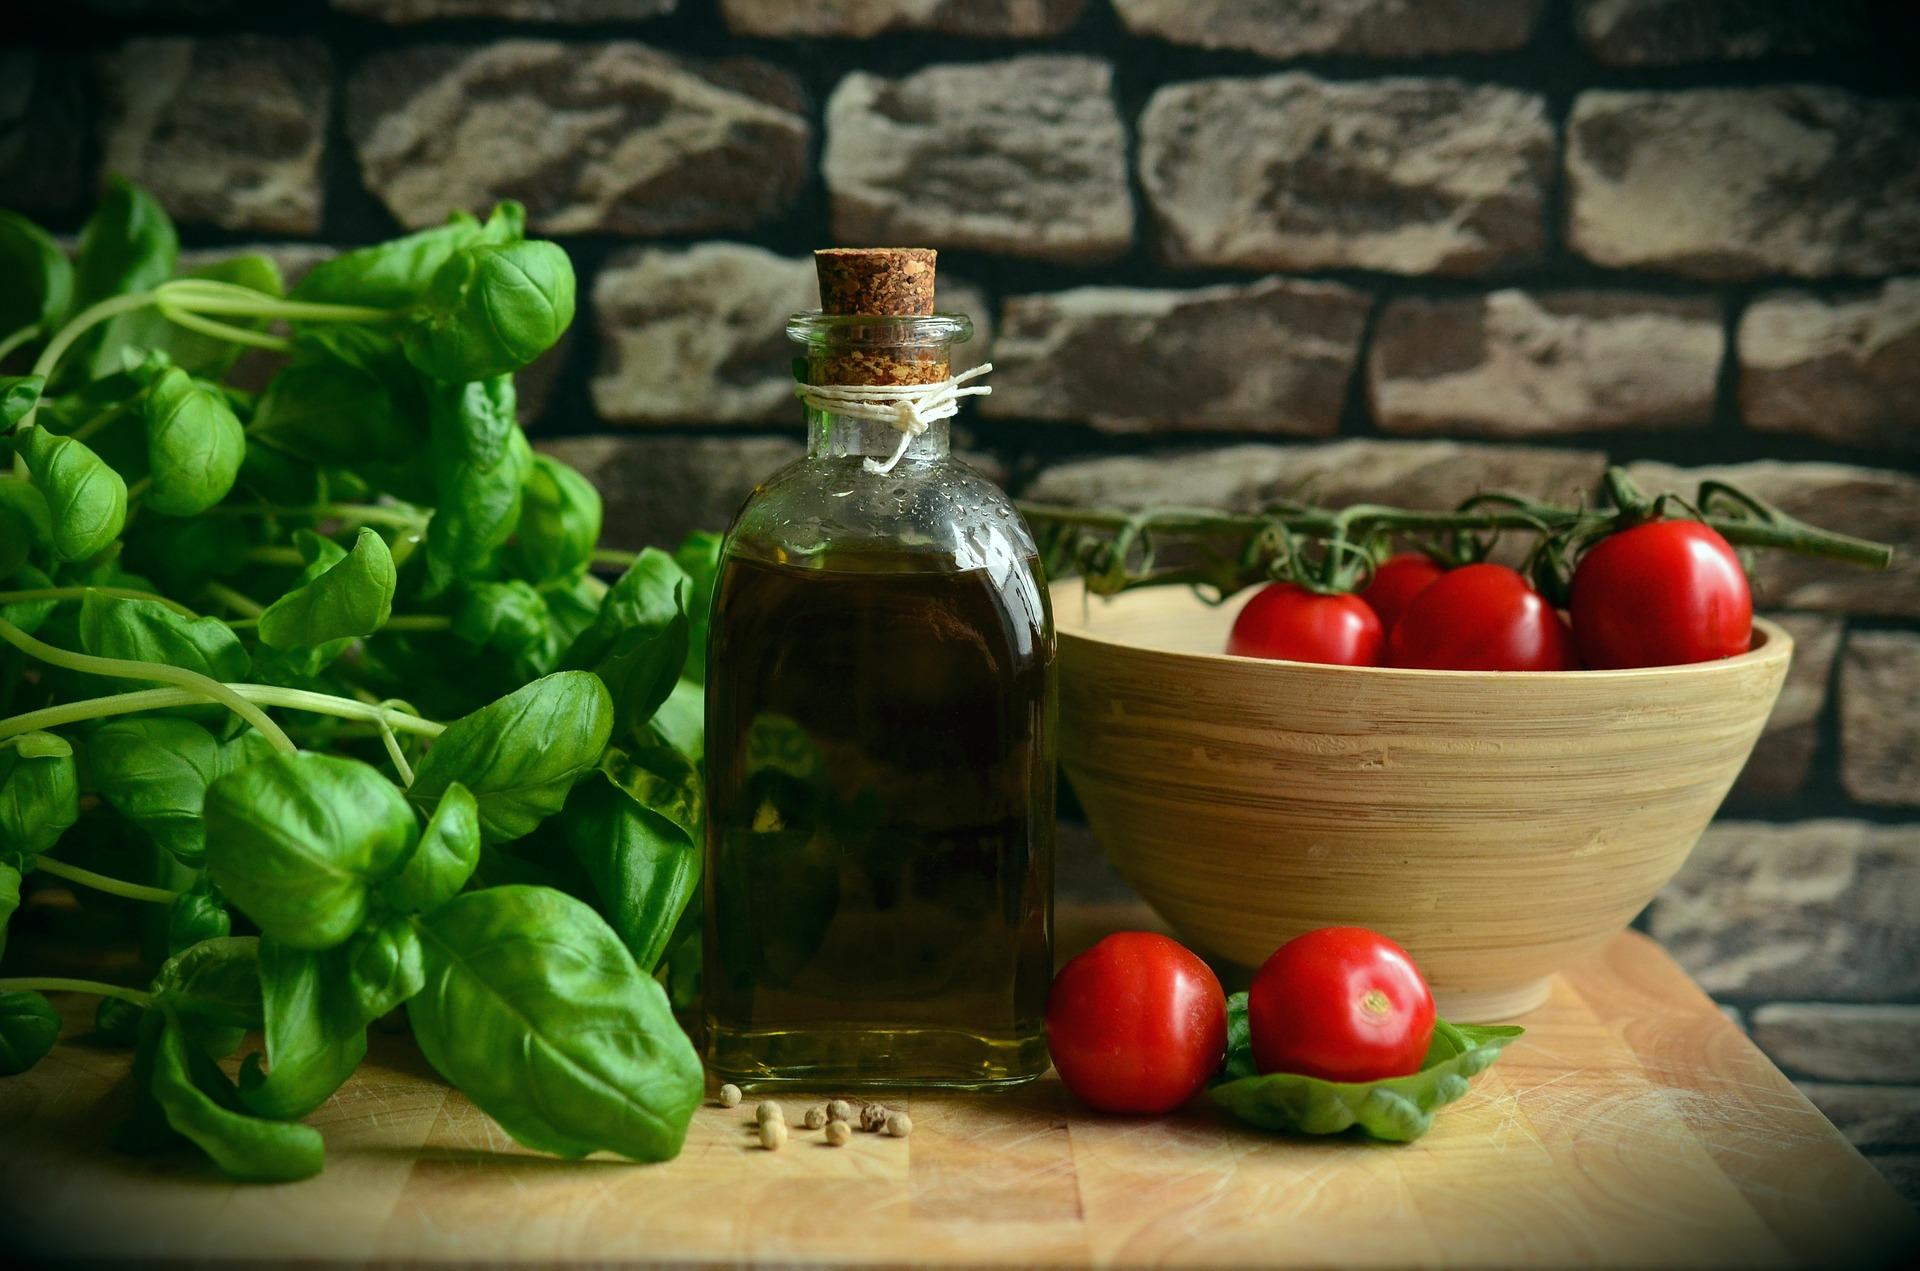 Μεσογειακή διατροφή και μεταβολικό σύνδρομο